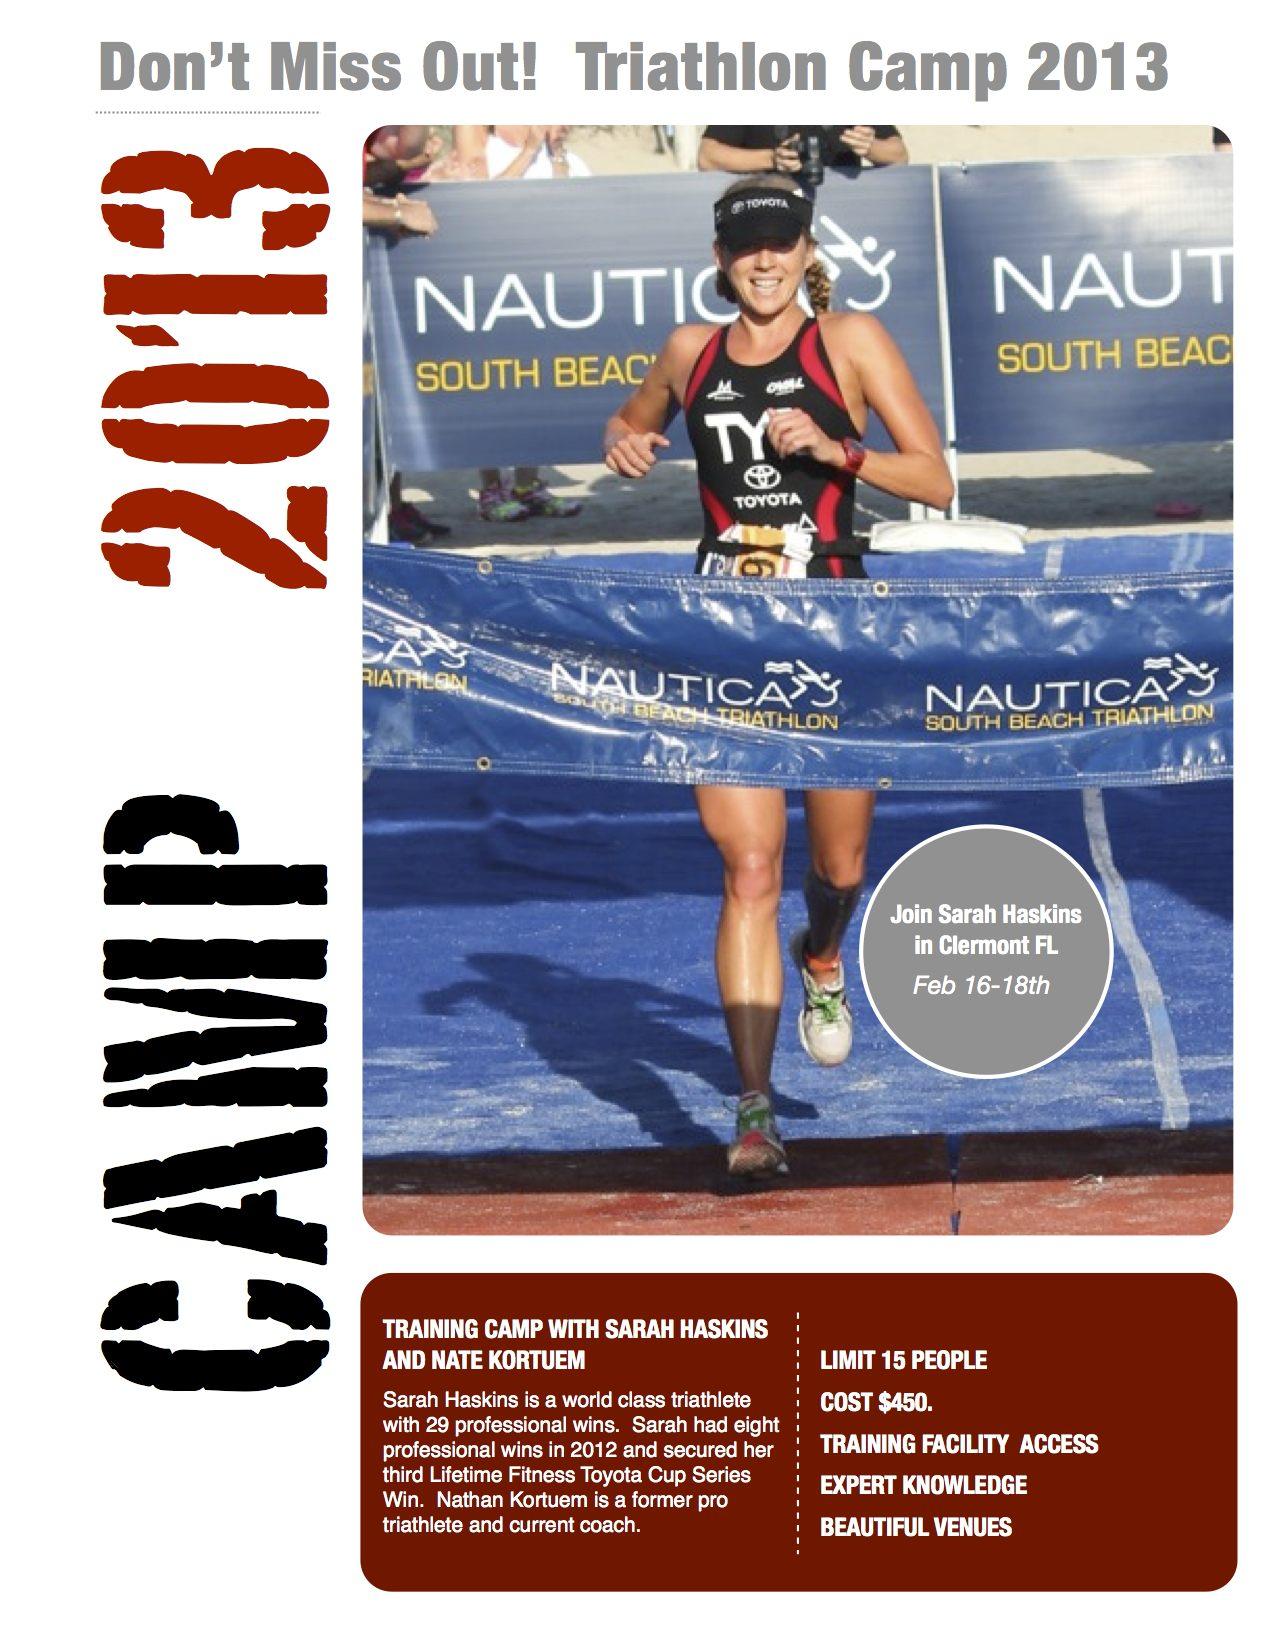 Triathlon Camp 2013 @